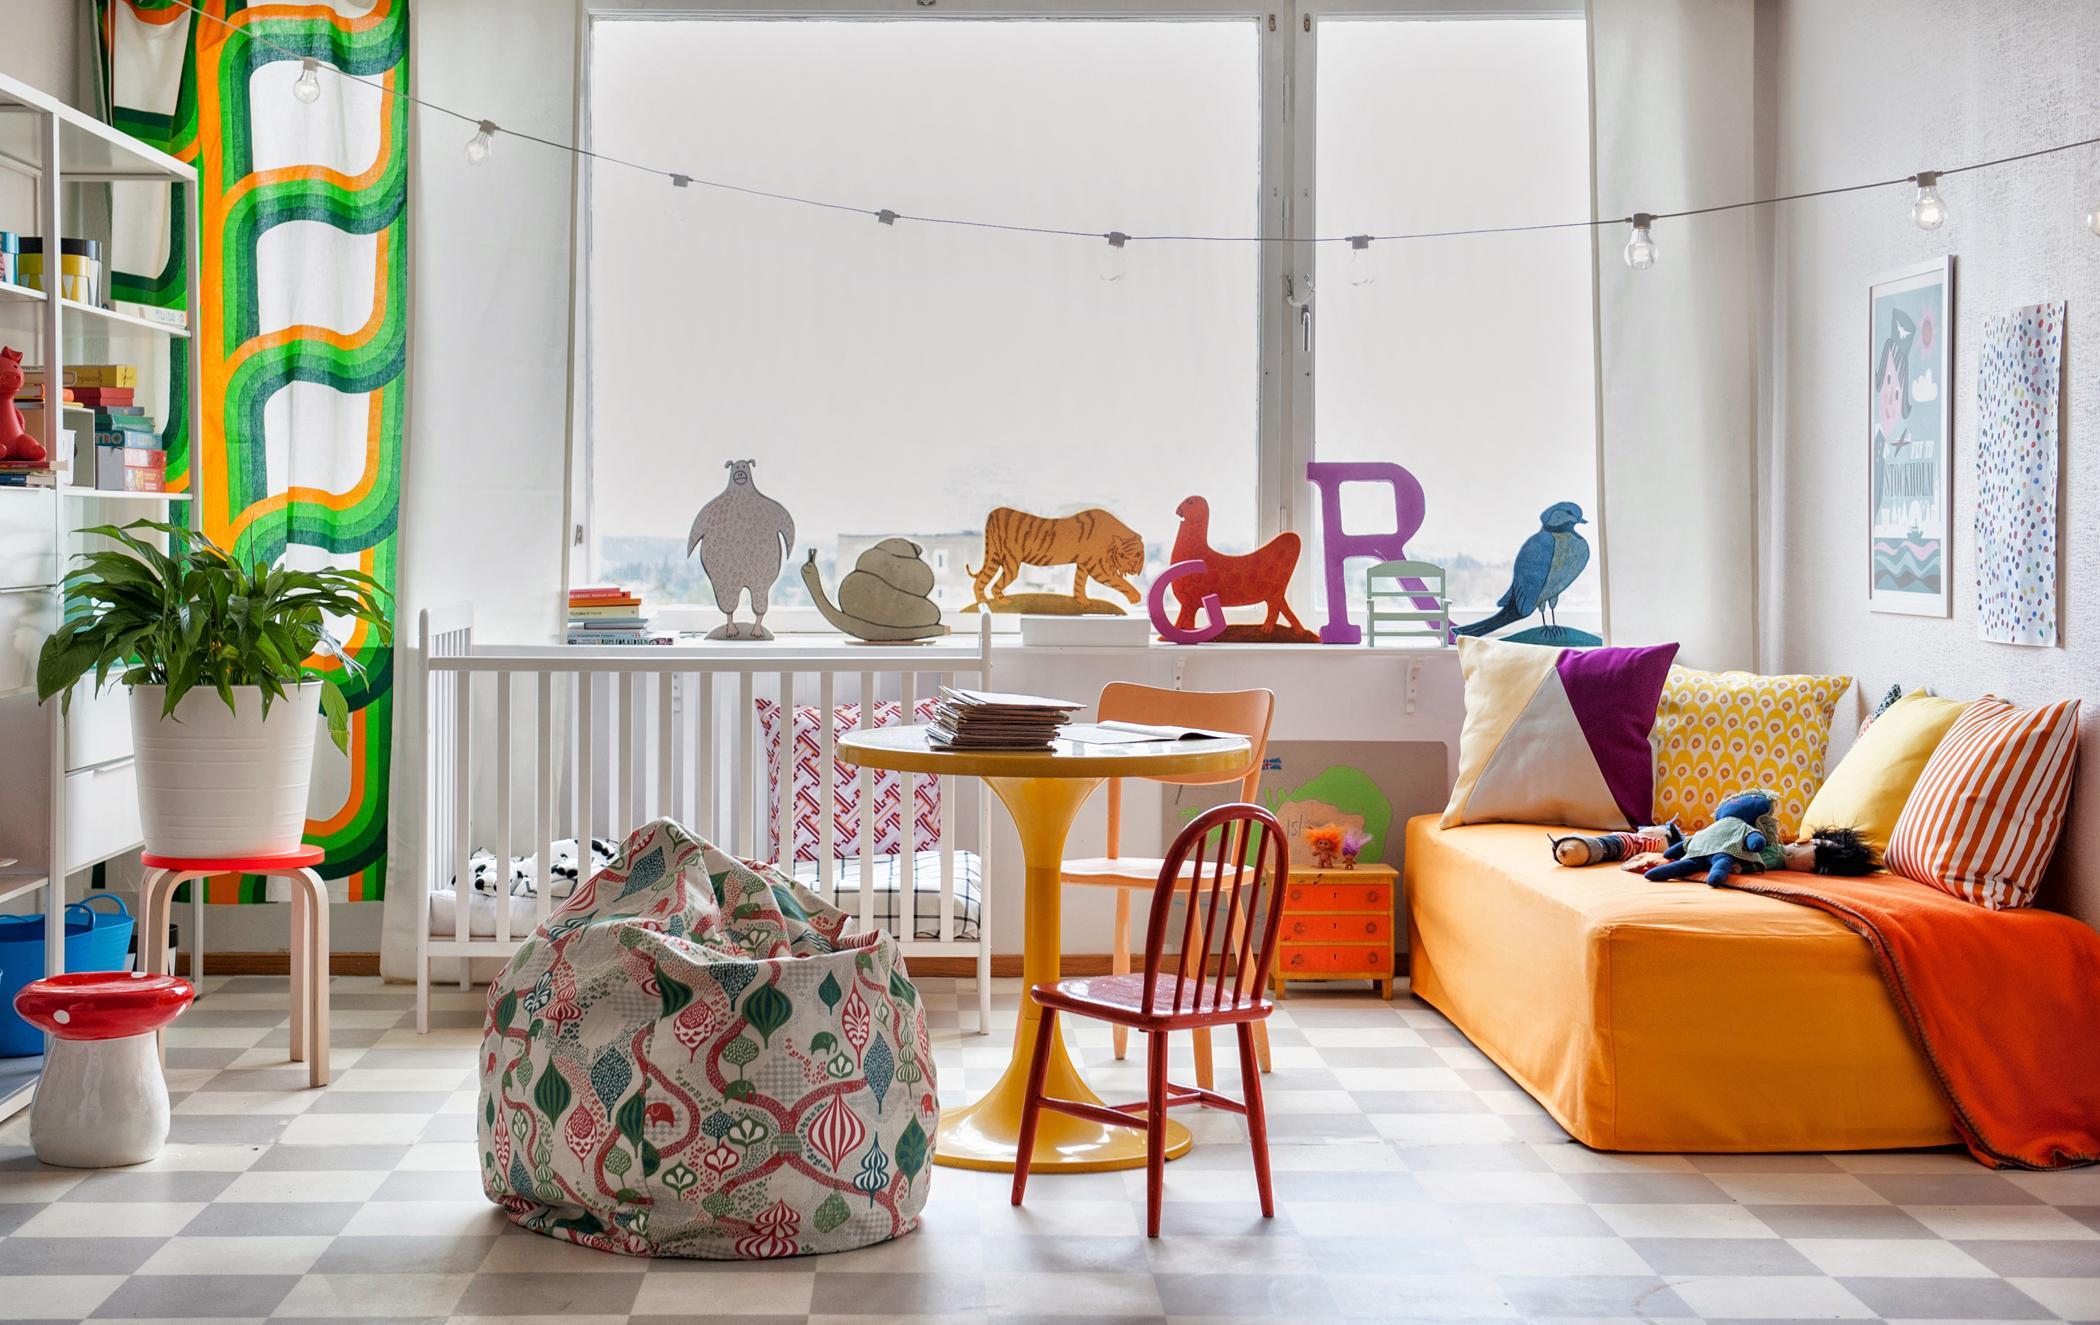 Deko fürs Kinderzimmer • Bilder & Ideen • COUCHstyle | {Deko kinderzimmer 59}